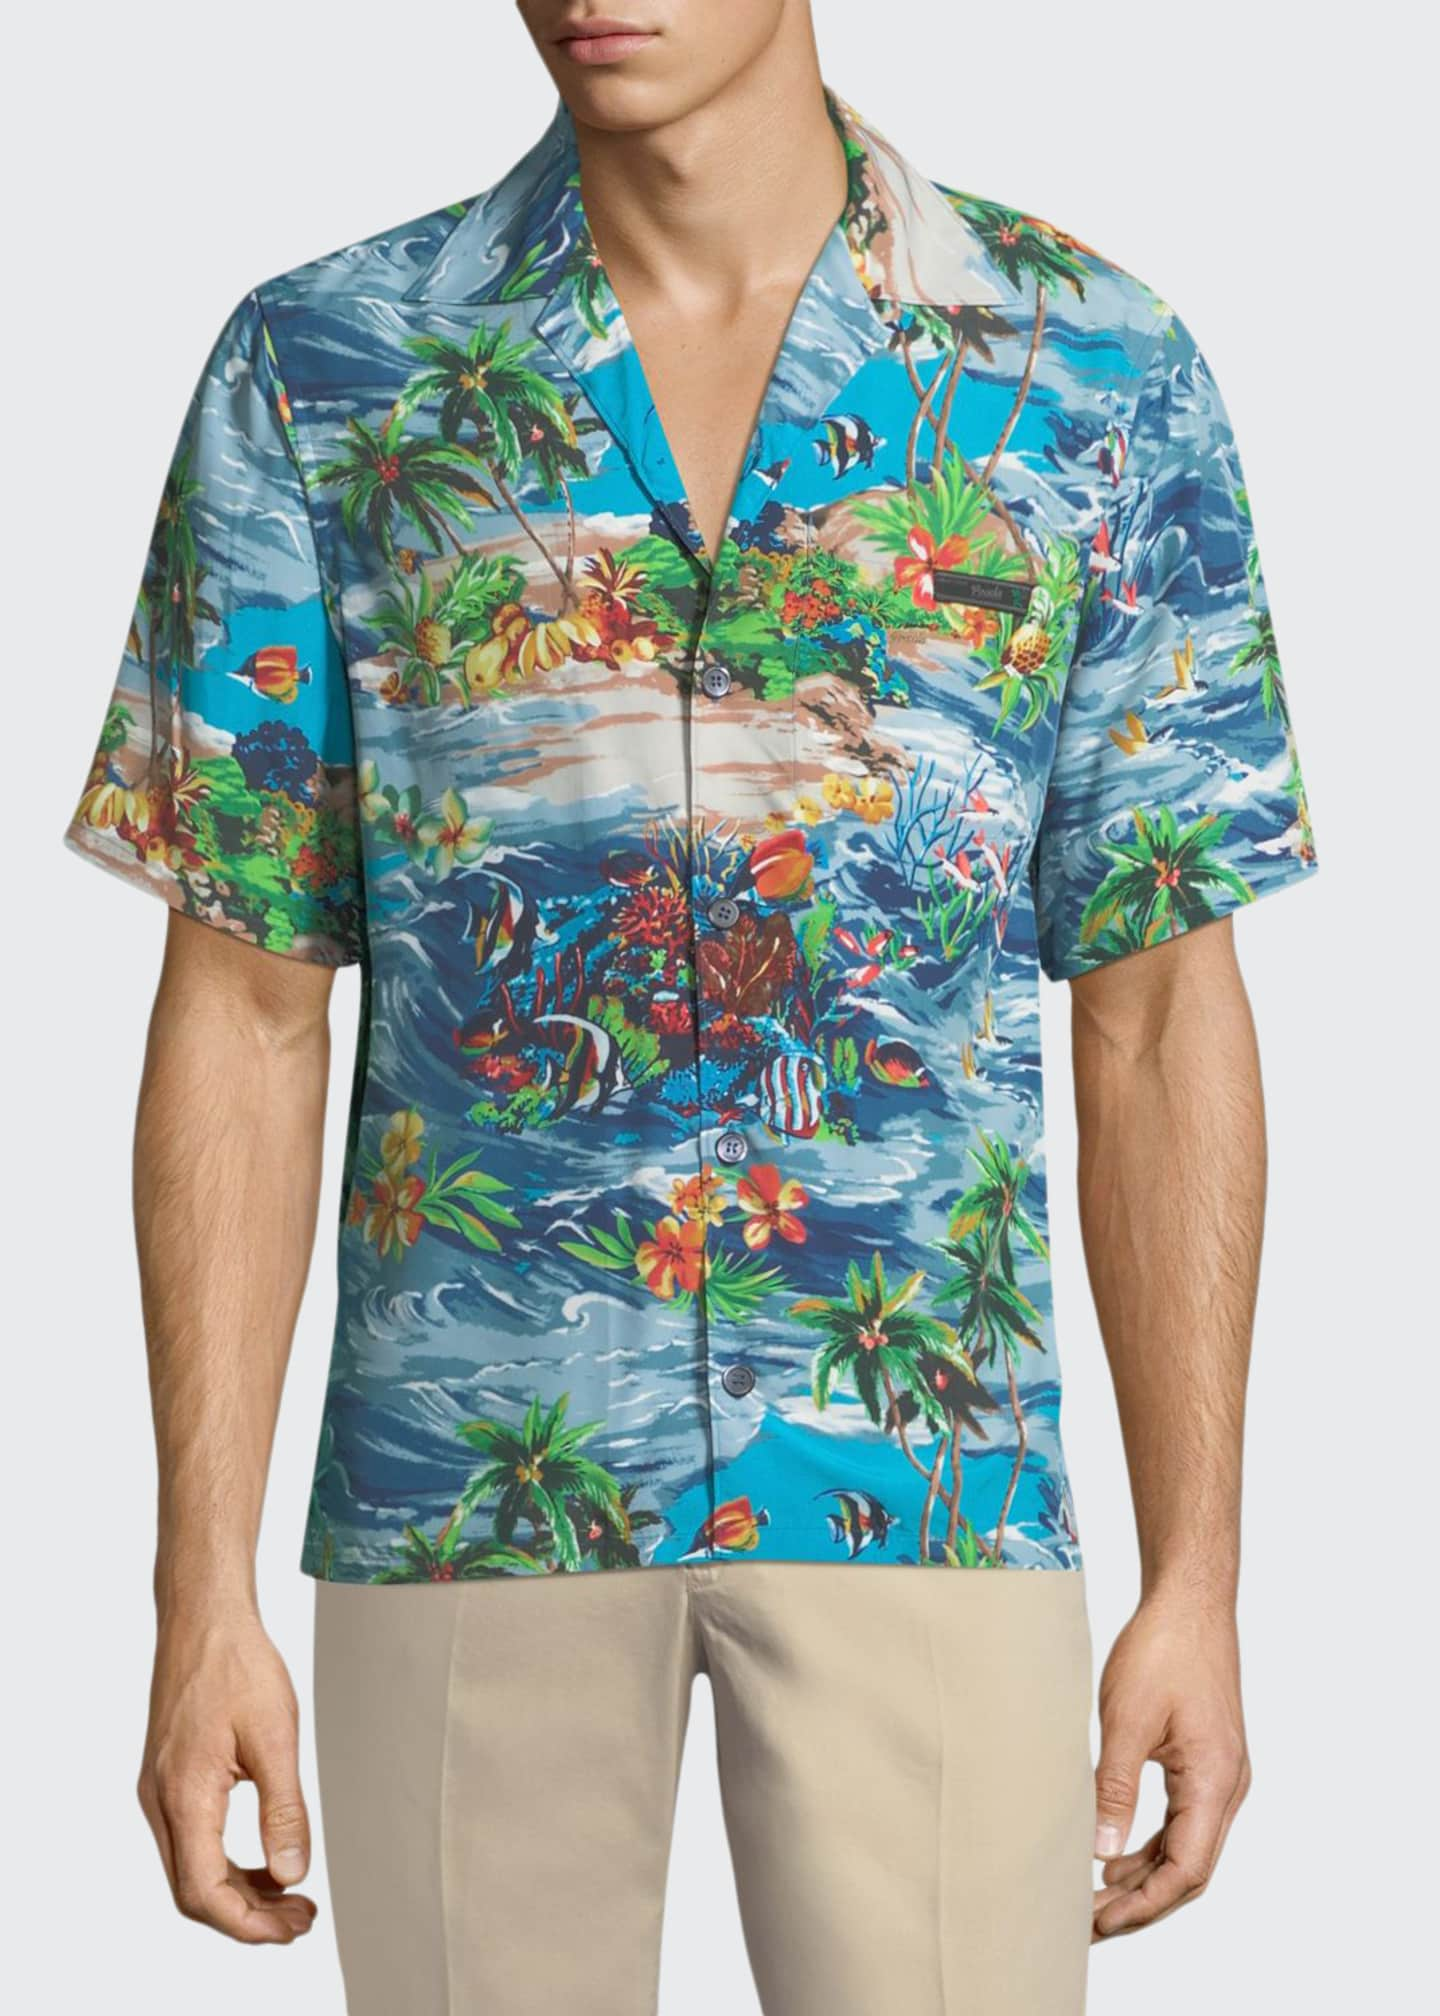 Prada Island Fish Print Bowling Shirt